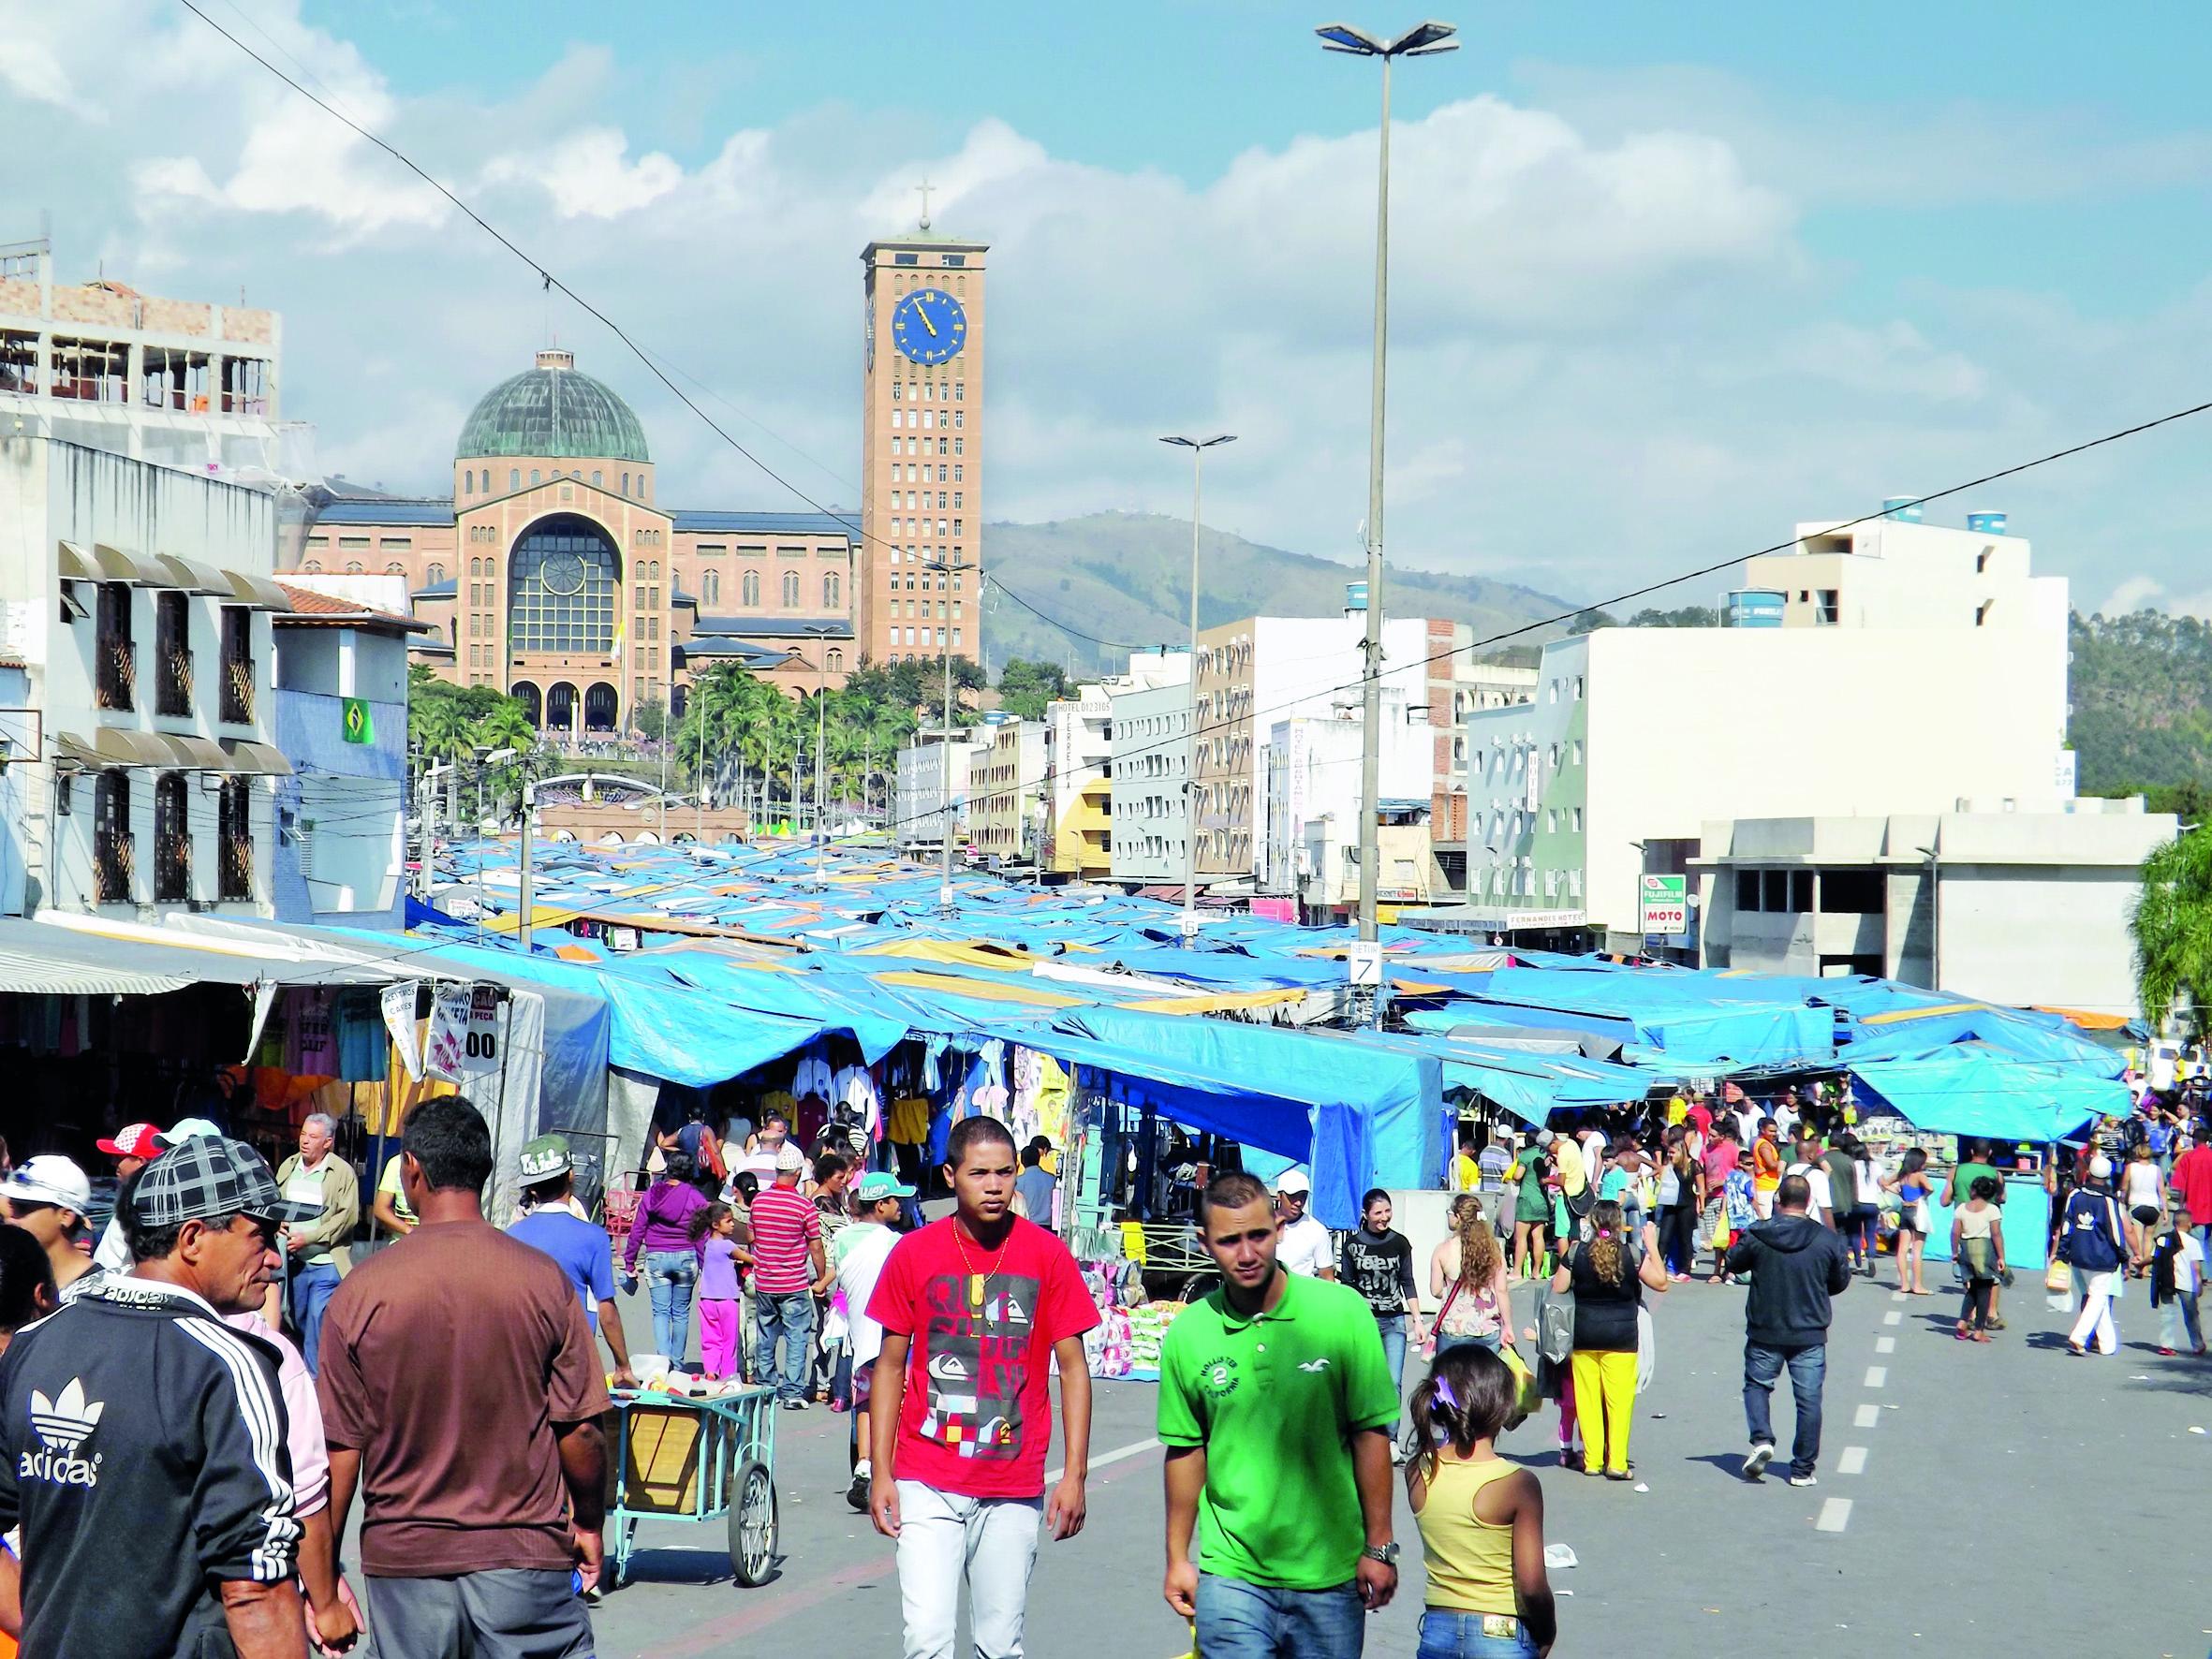 Feira livre e Santuário Nacional, dois ícones da cidade que deve ter mais uma eleição marcada por polêmicas (Foto: Arquivo Atos)